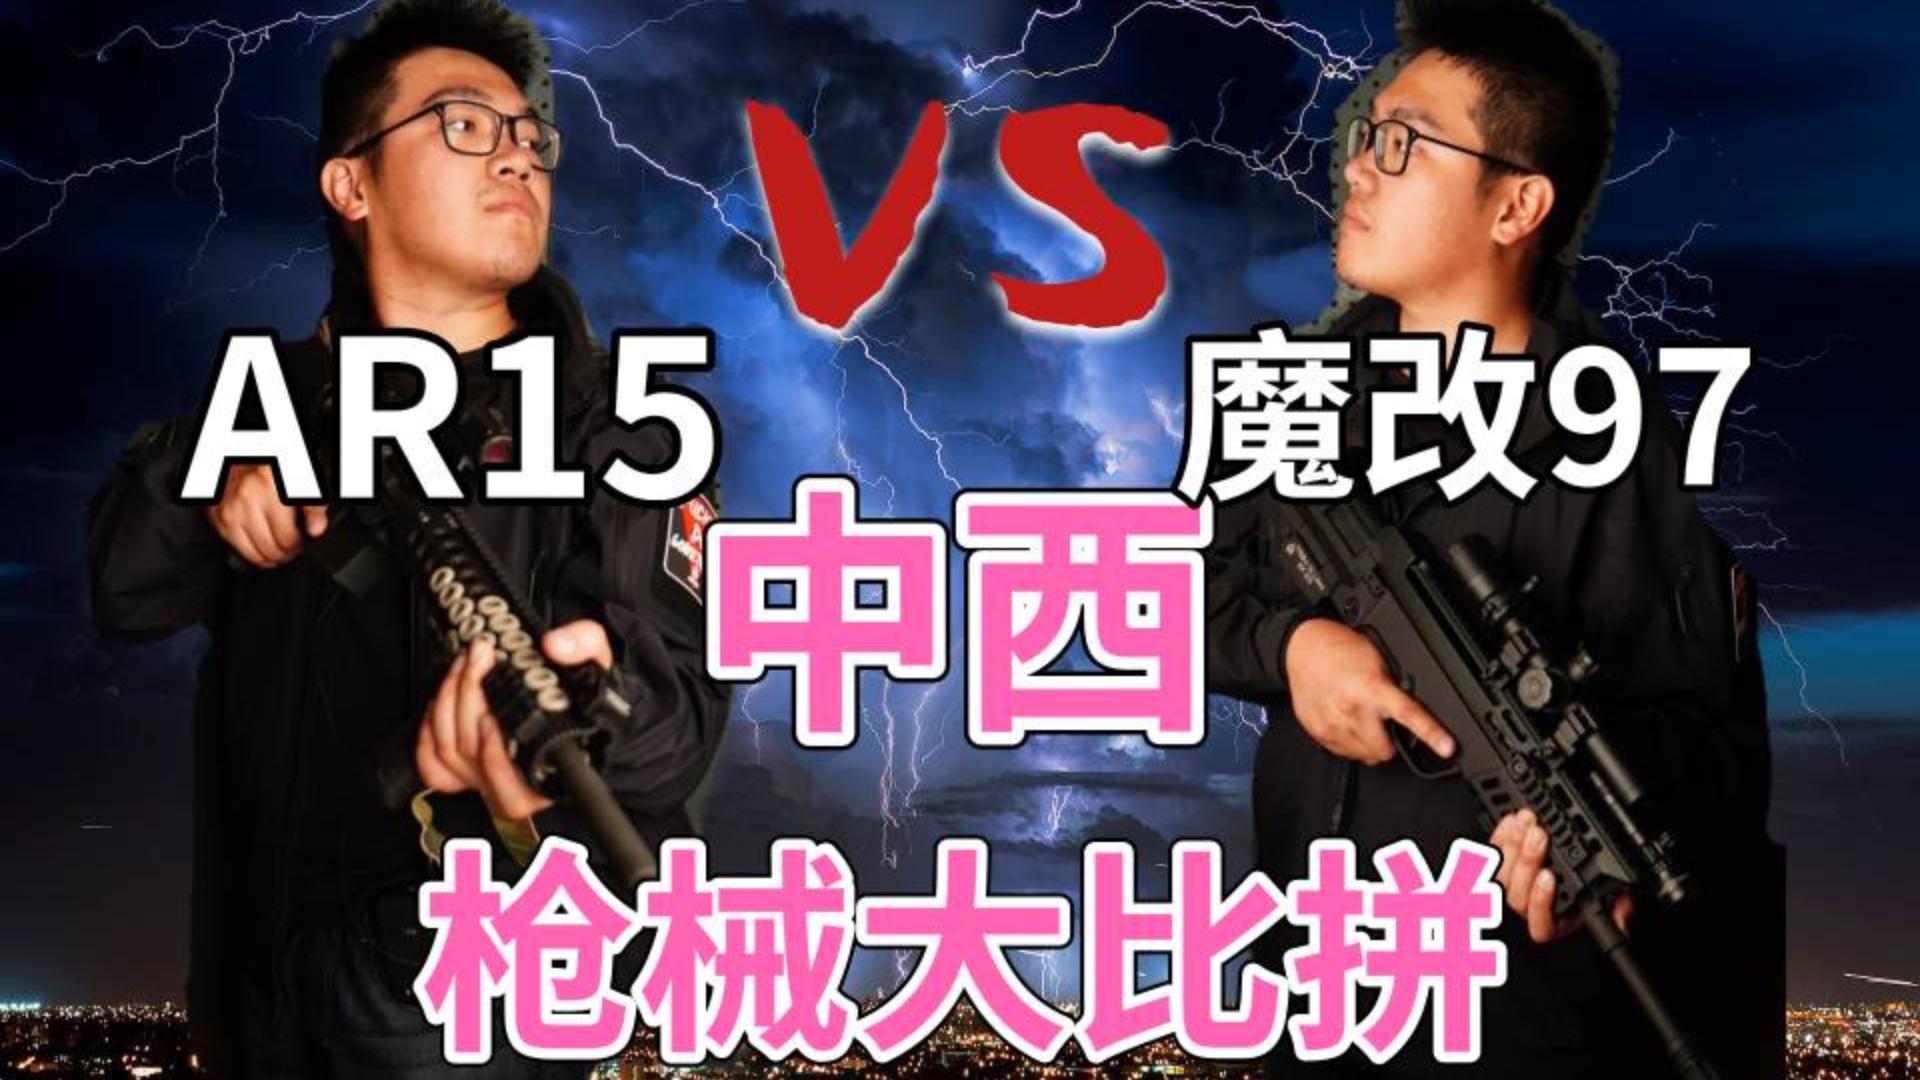 【加拿大】美国AR15对上外贸版97 是谁更胜一筹?